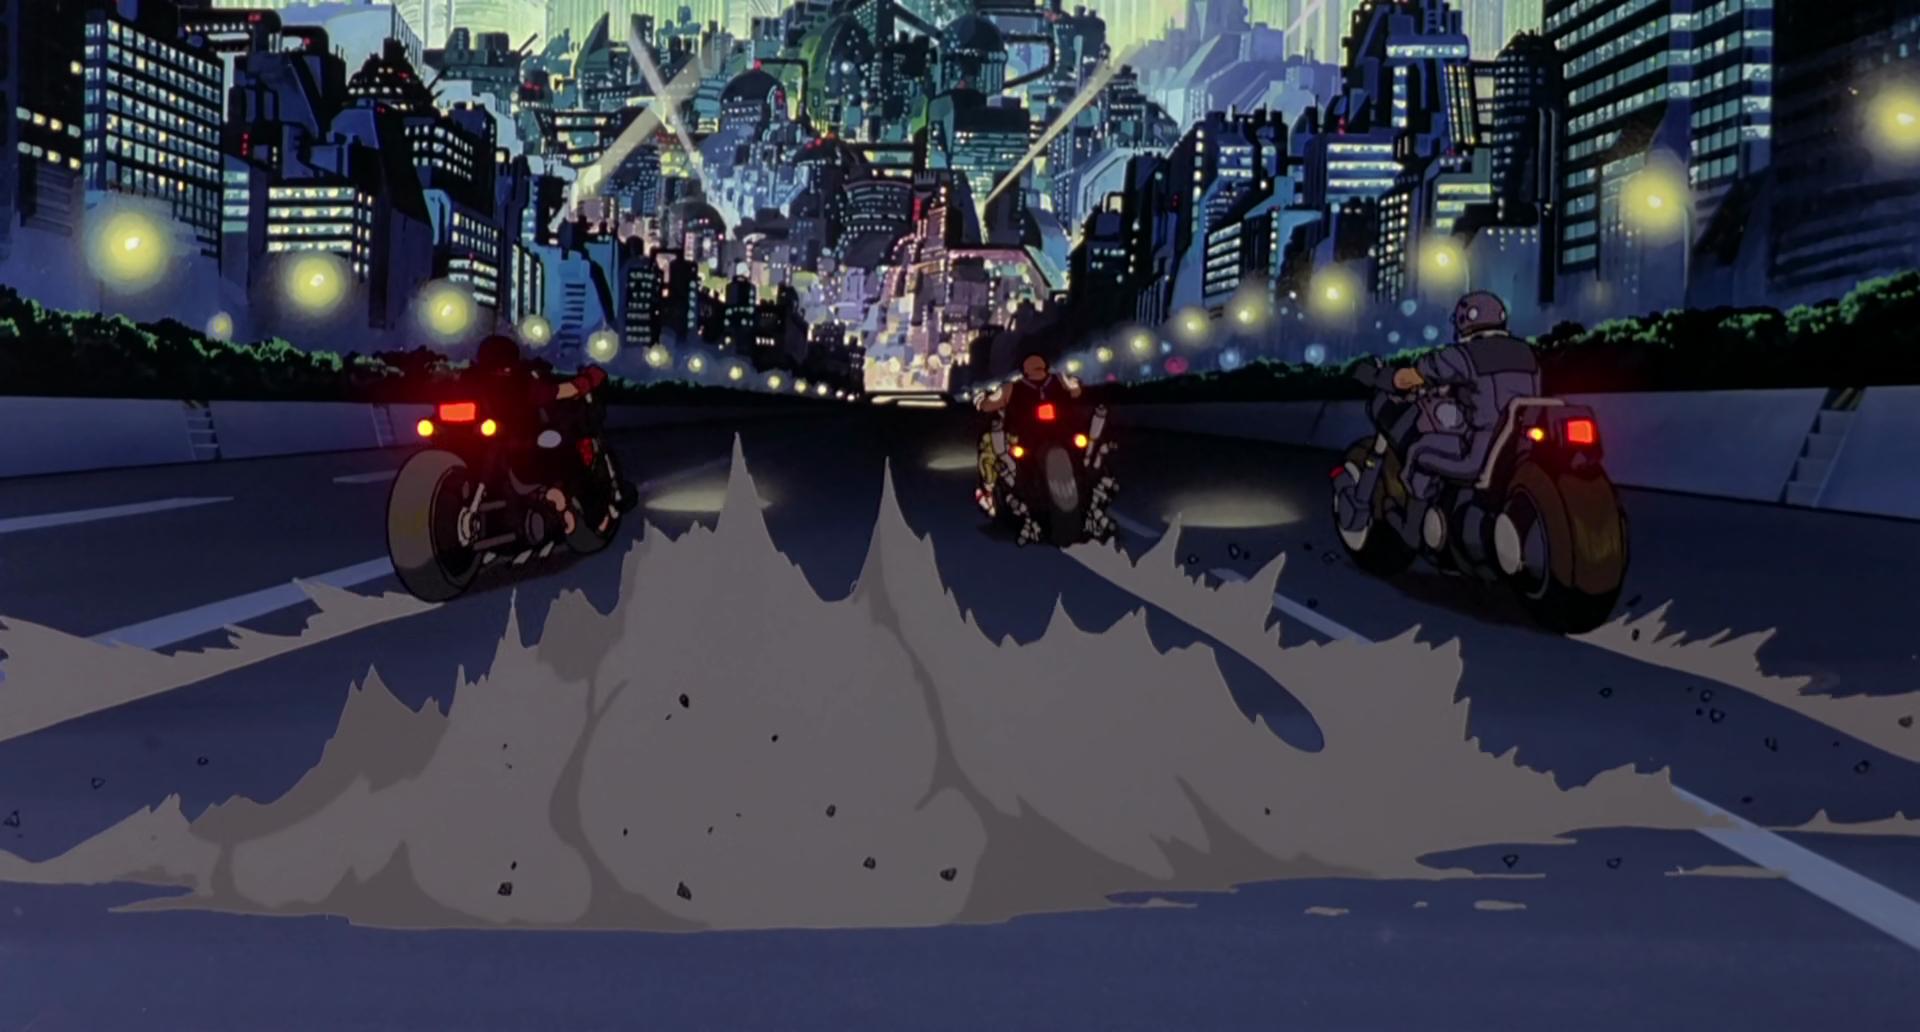 لقطة من فيلم الأنمي أكيرا